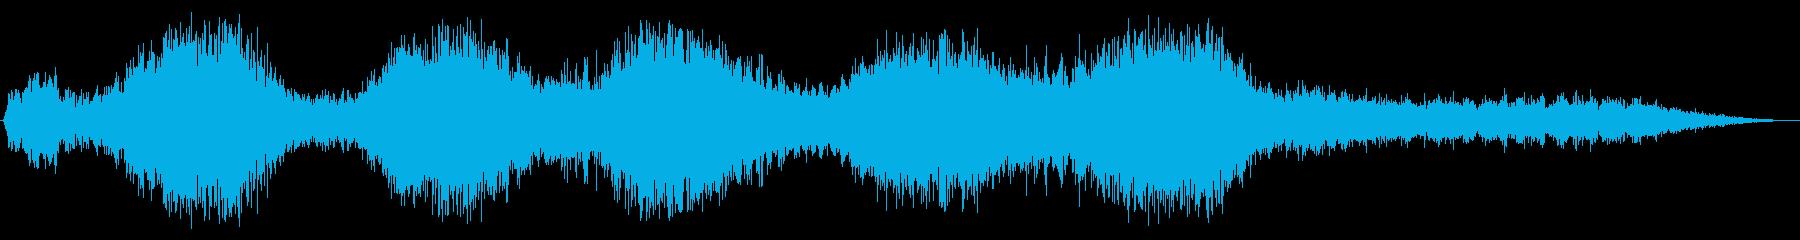 宇宙レーザーカッター:ショートスピ...の再生済みの波形